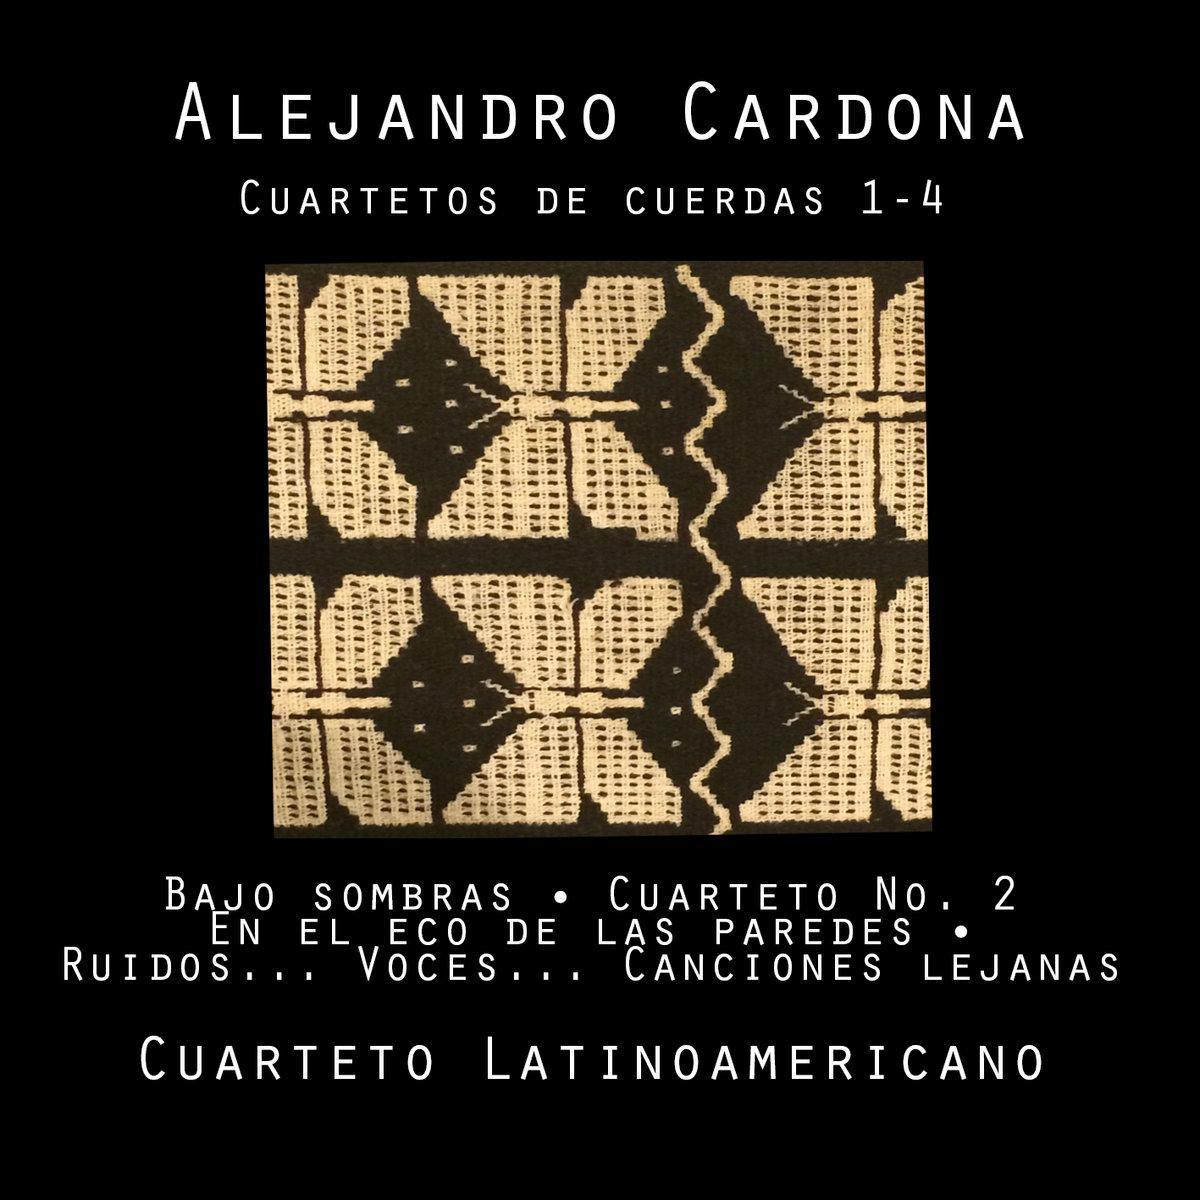 Cuartetos de cuerdas 1-4   Alejandro Cardona